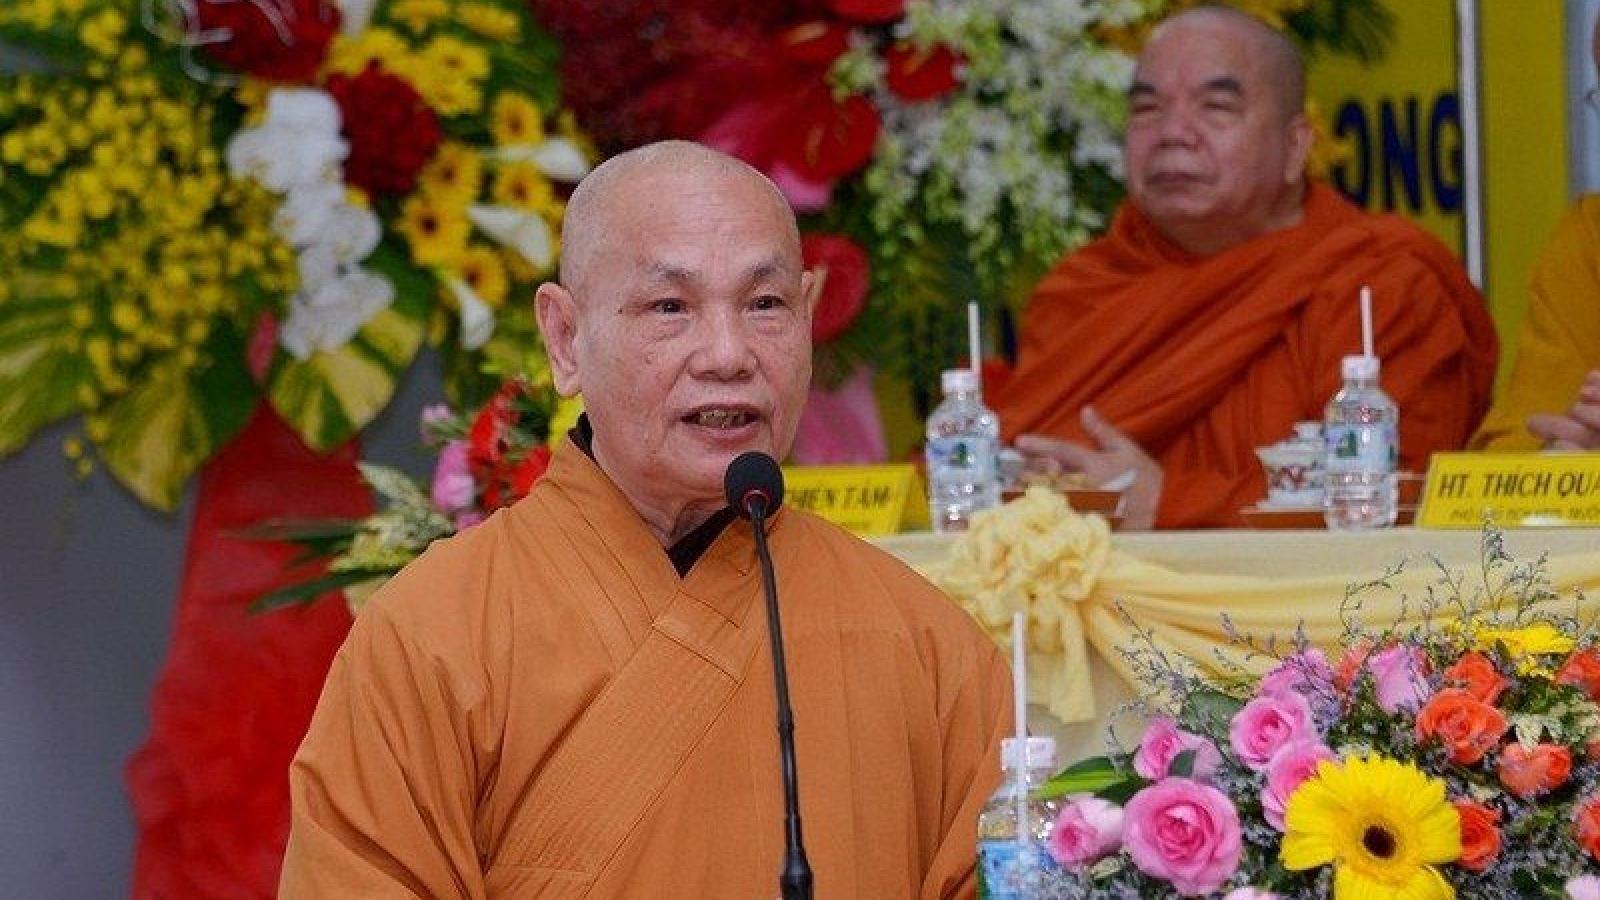 Giáo hội Phật giáo Việt Nam lan tỏa phong trào bữa cơm yêu thương trong vùng tâm dịch